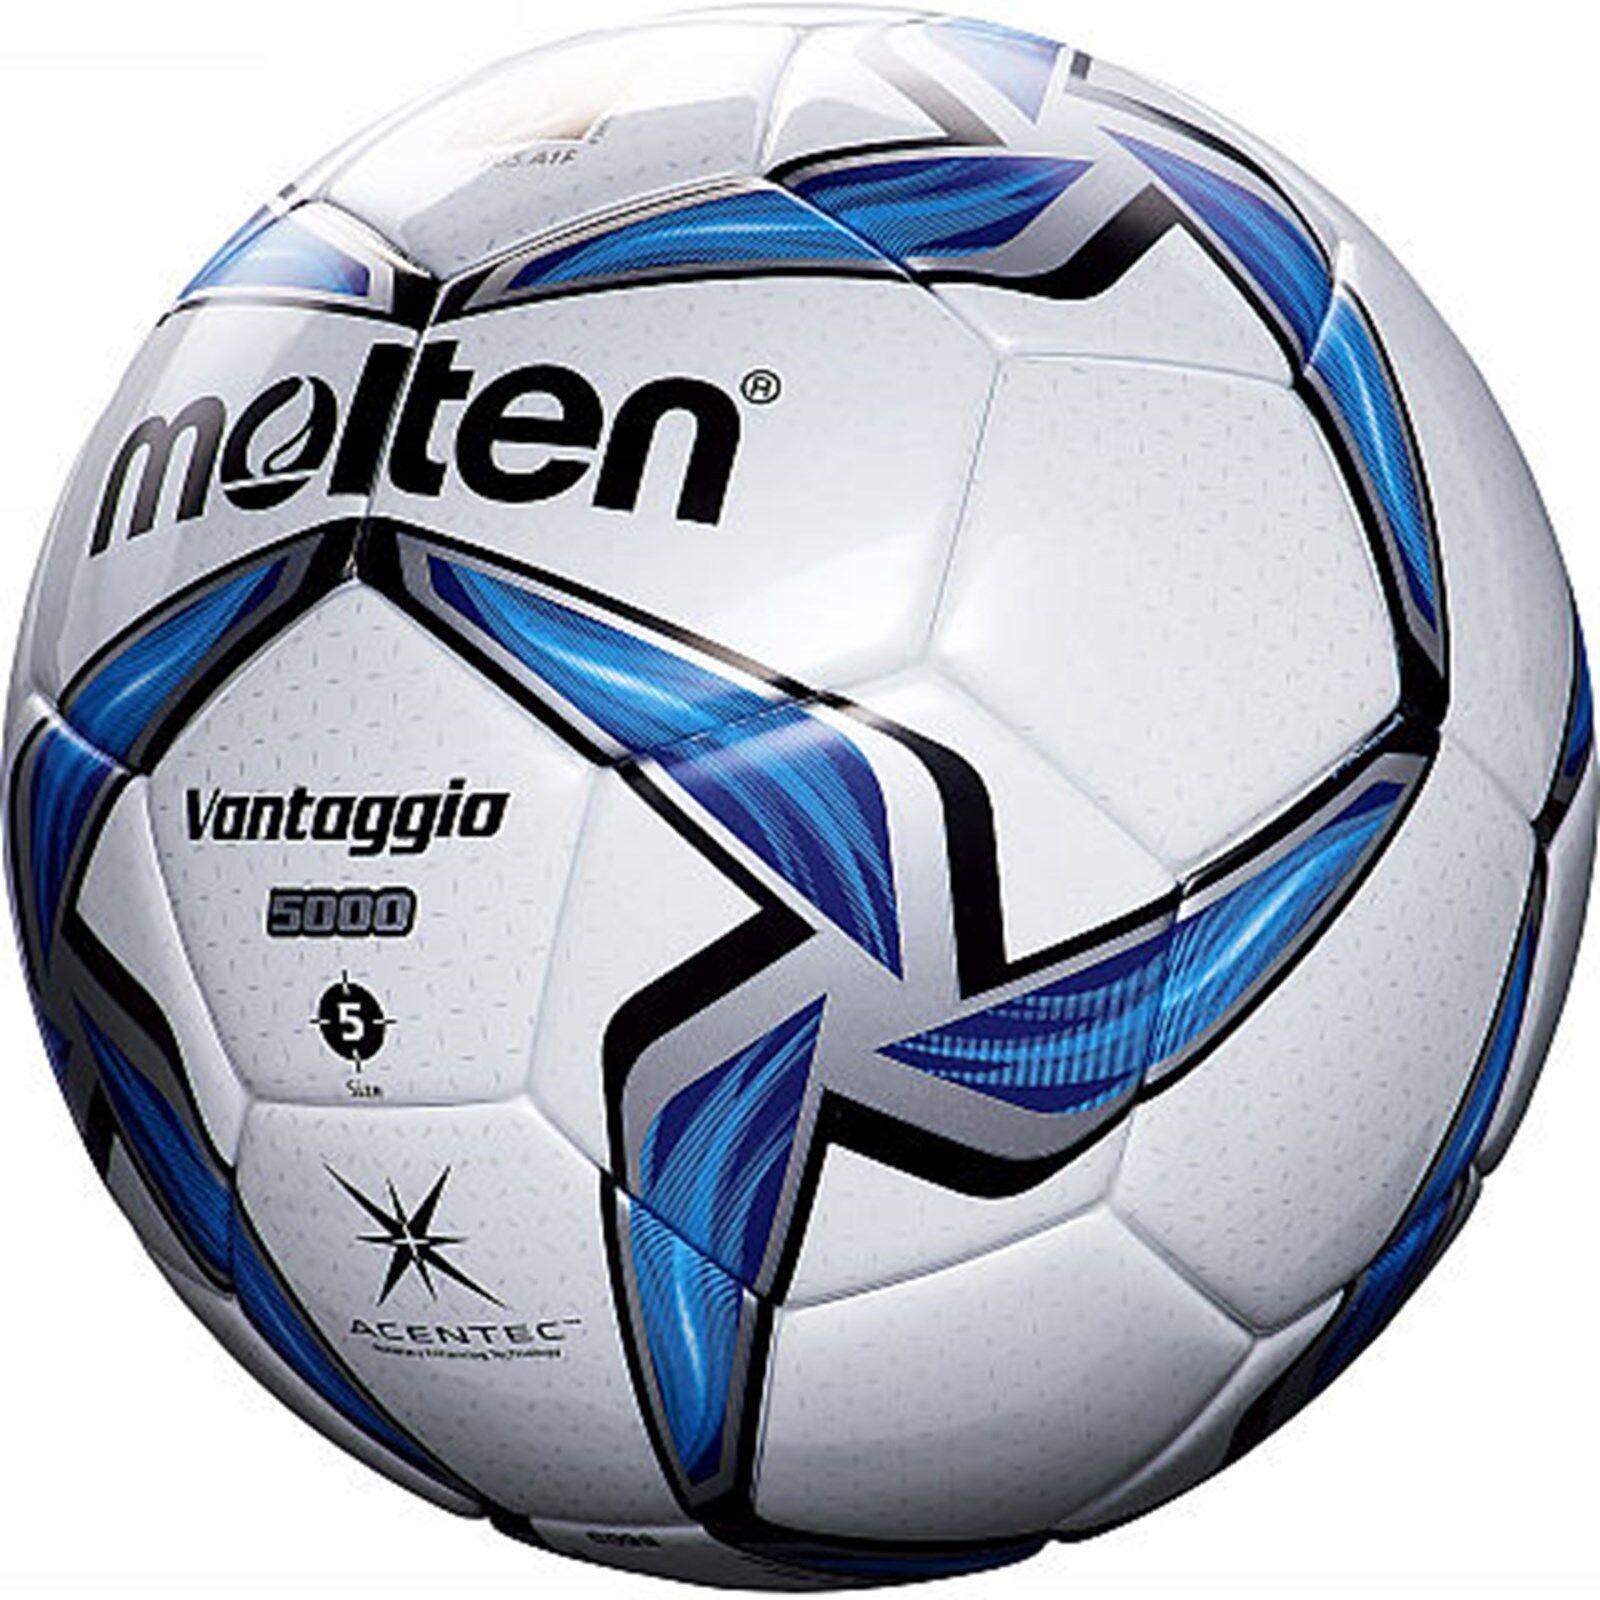 Molten F5V5000 FIFA Approved ACENTEC Vantaggio Match Training & & & Leder Football 87f730